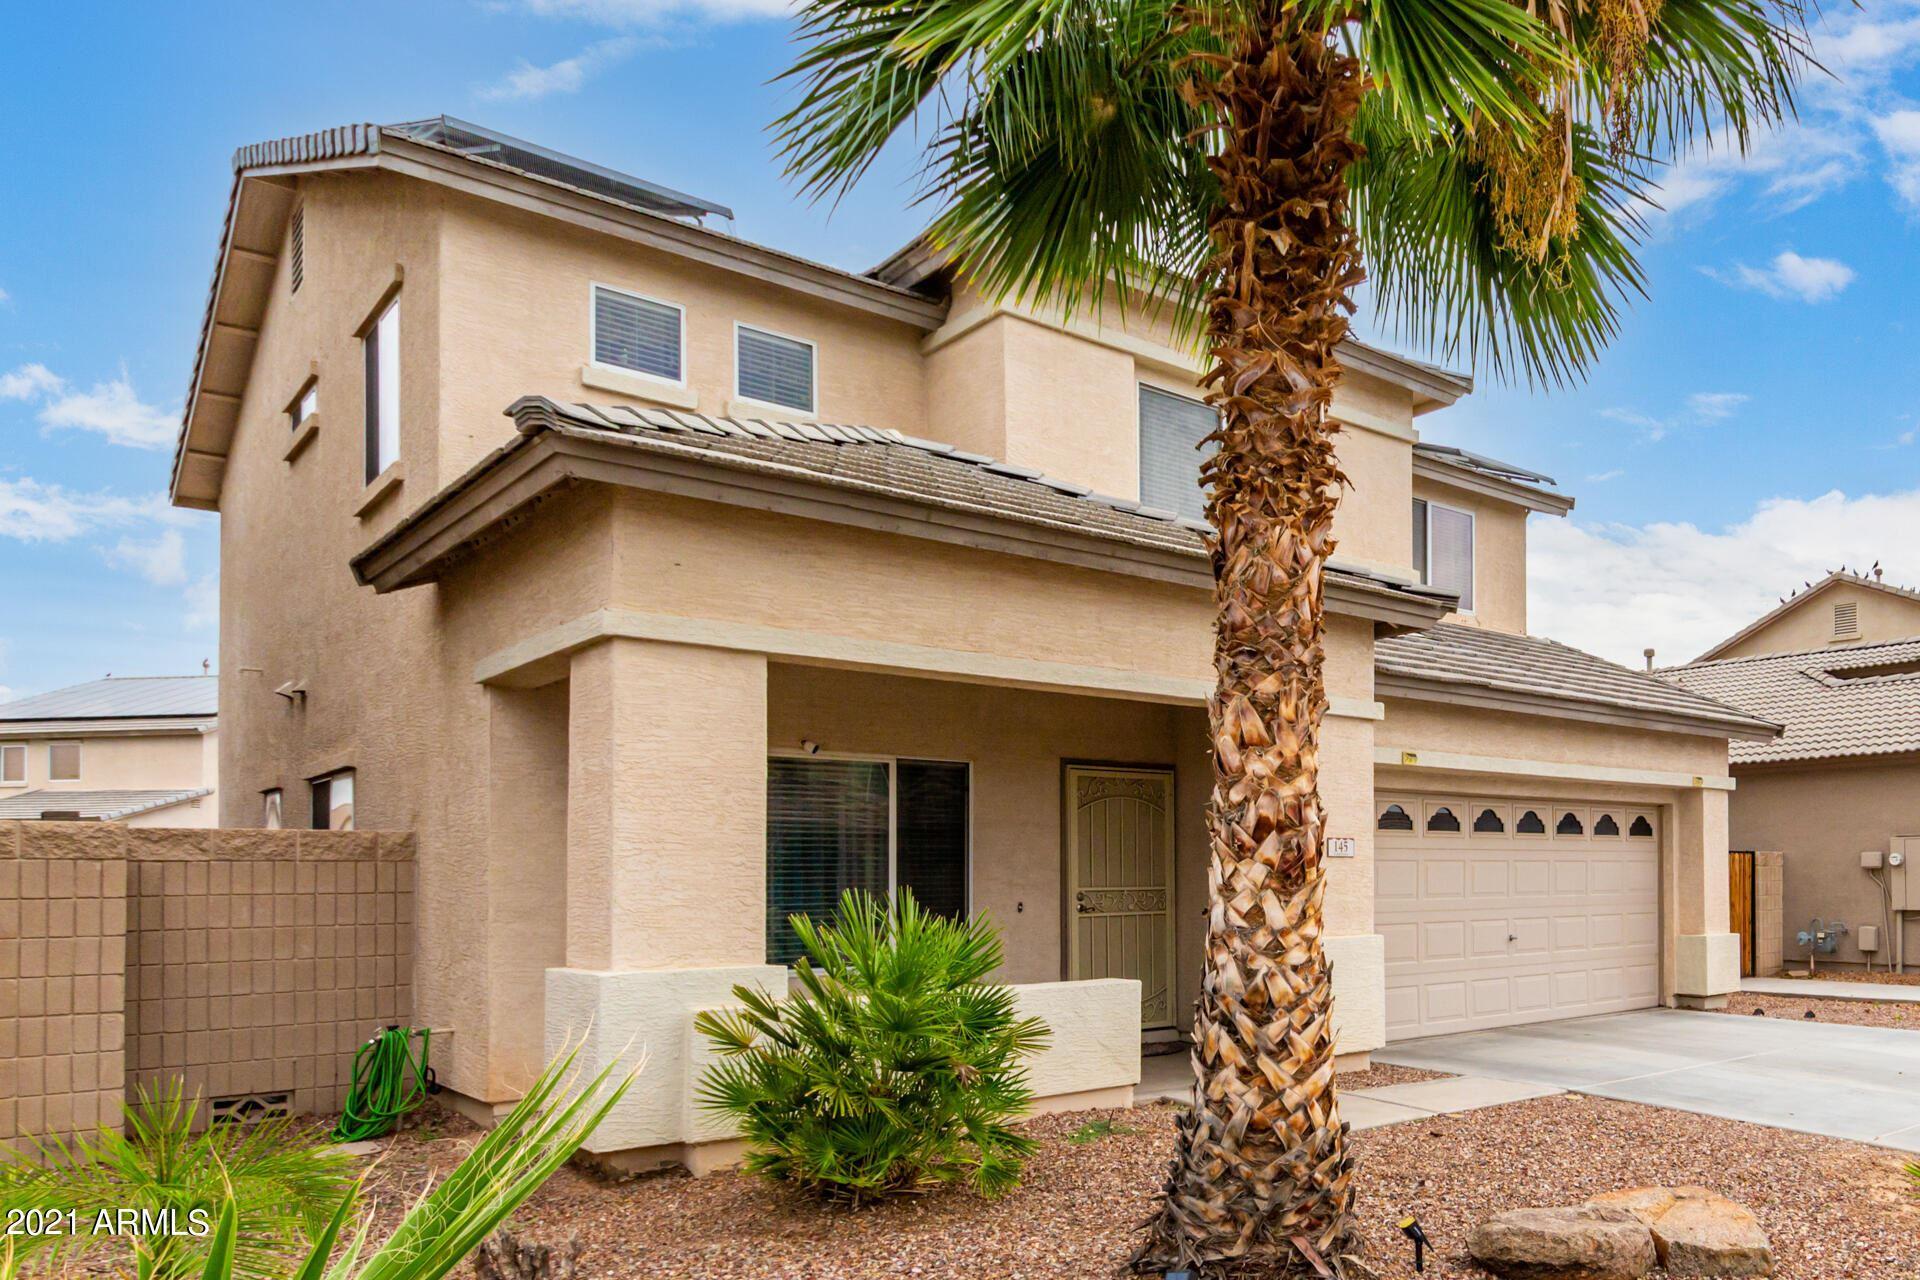 Photo of 145 N 116TH Lane, Avondale, AZ 85323 (MLS # 6299917)